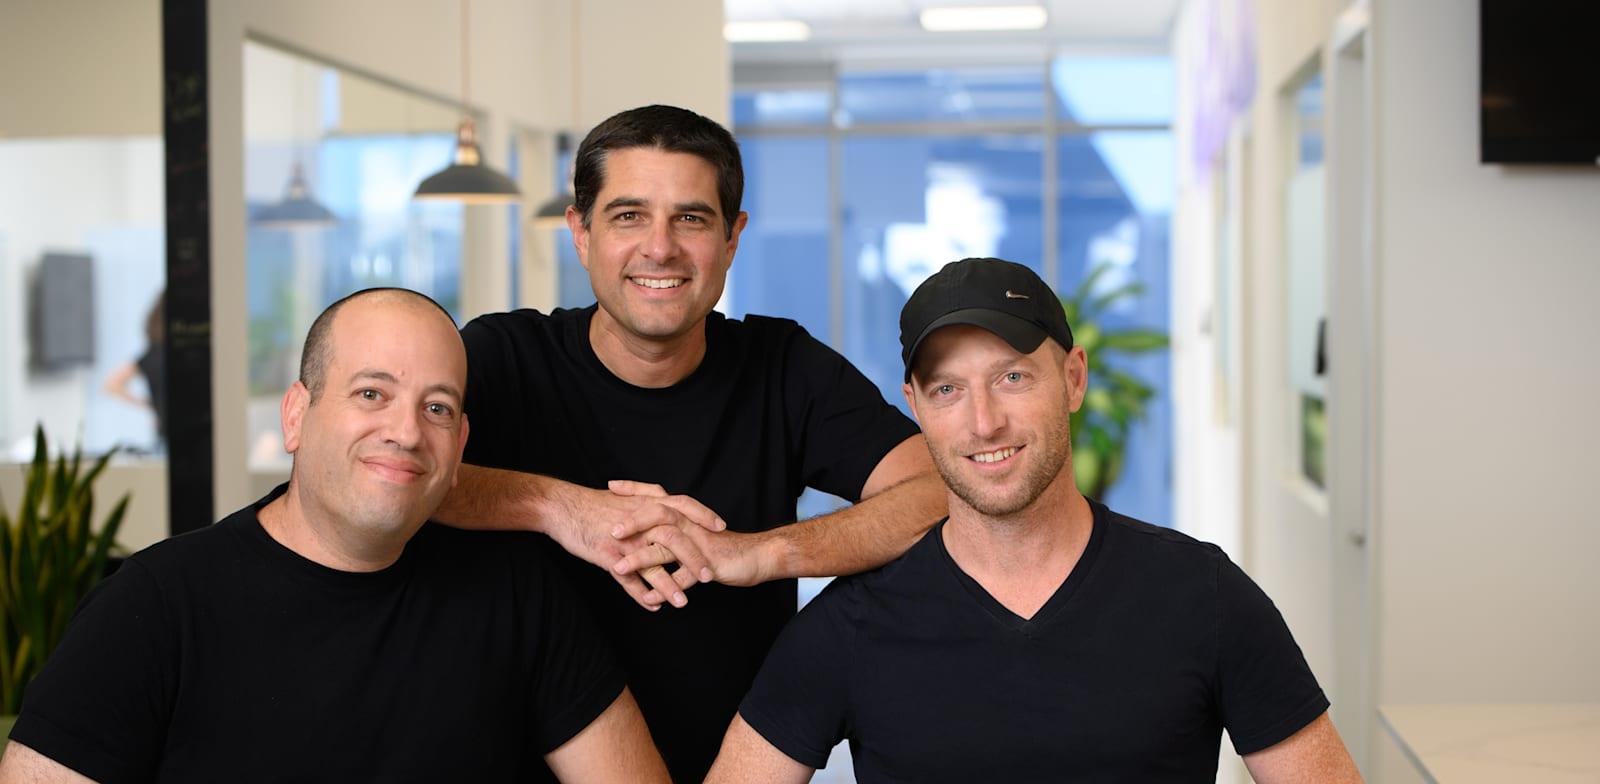 Jifiti founders Photo: PR